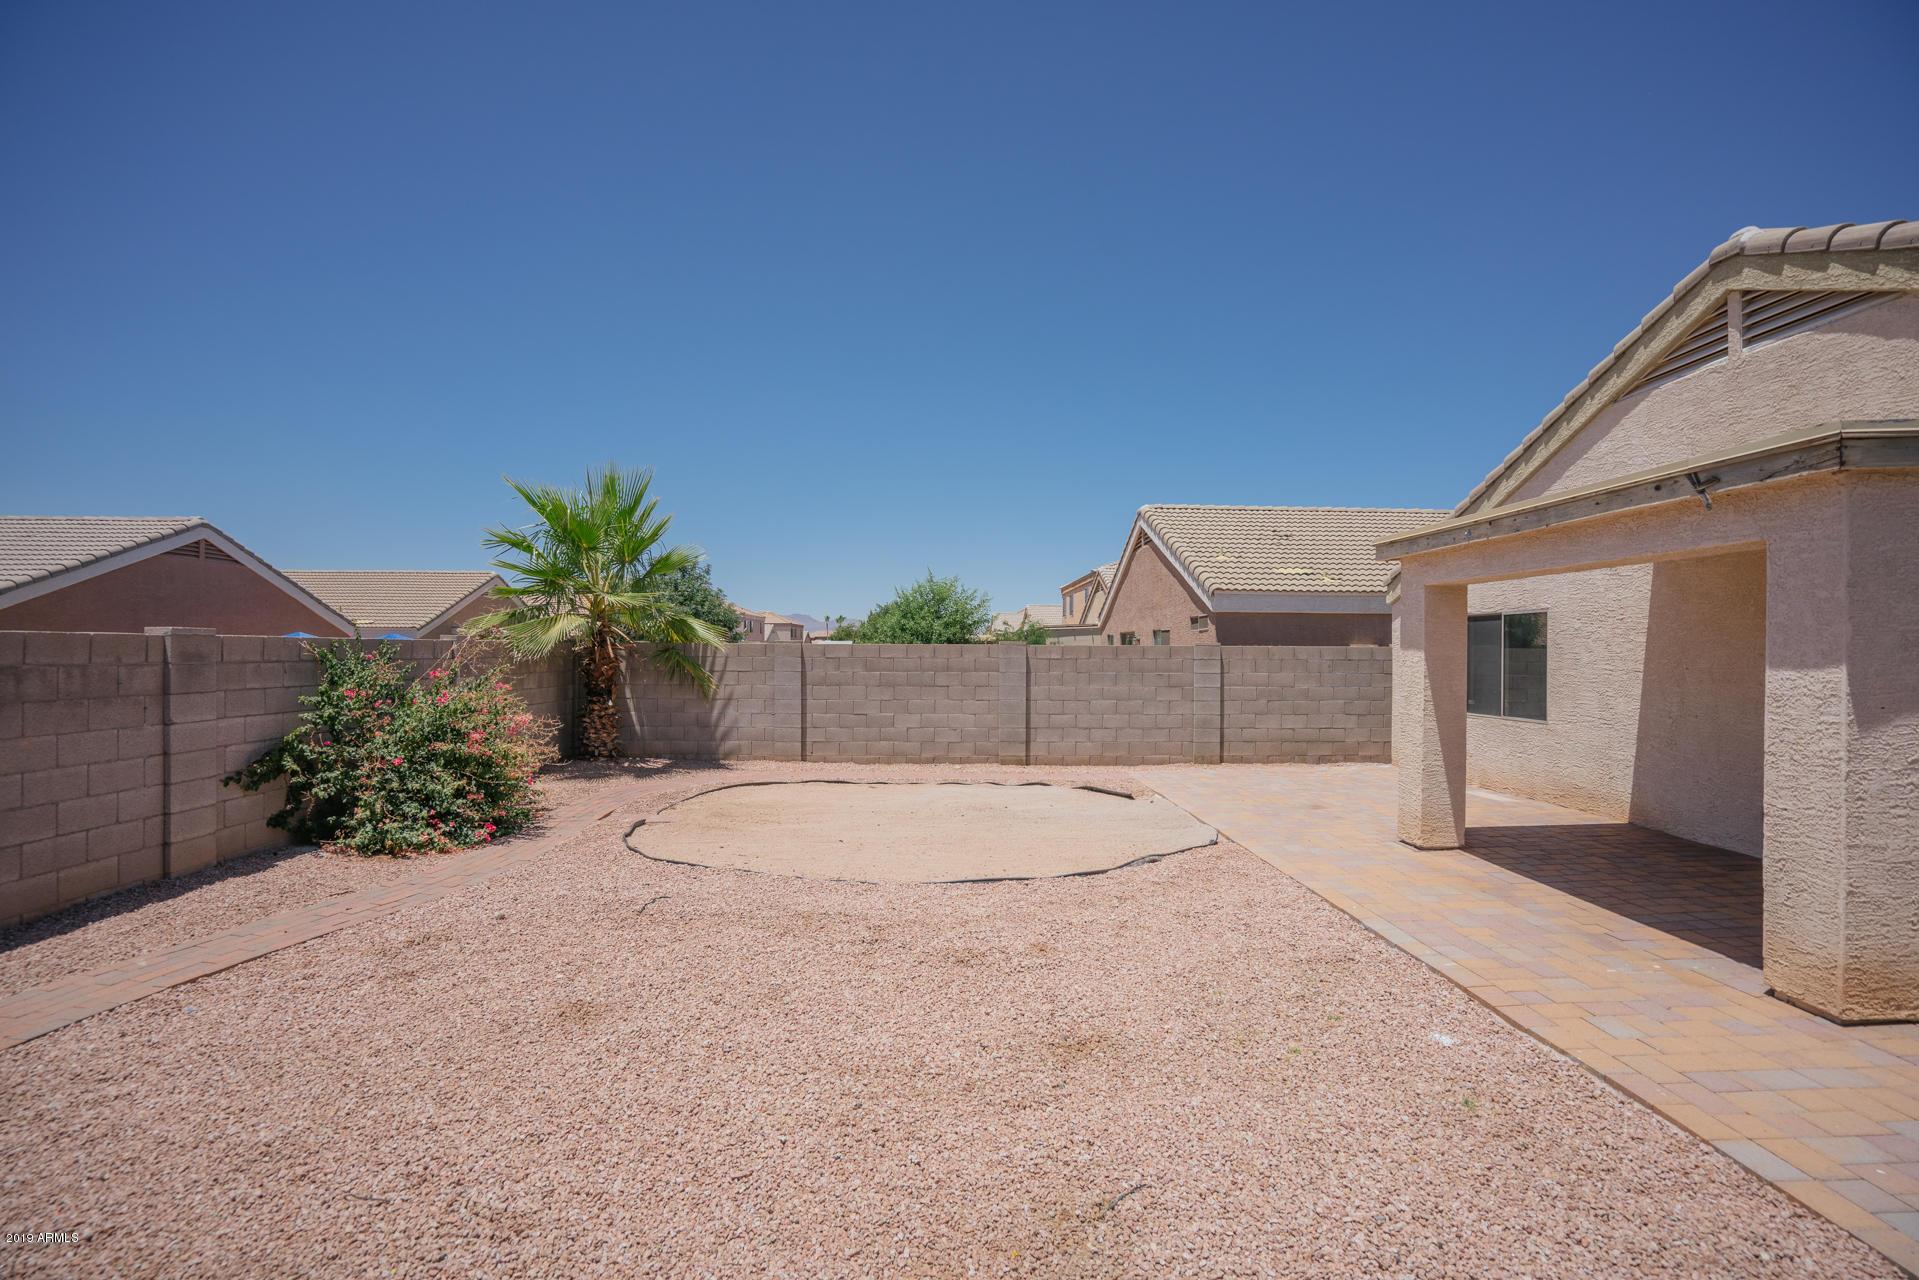 MLS 5949113 12405 W ROSEWOOD Drive, El Mirage, AZ 85335 El Mirage AZ Three Bedroom